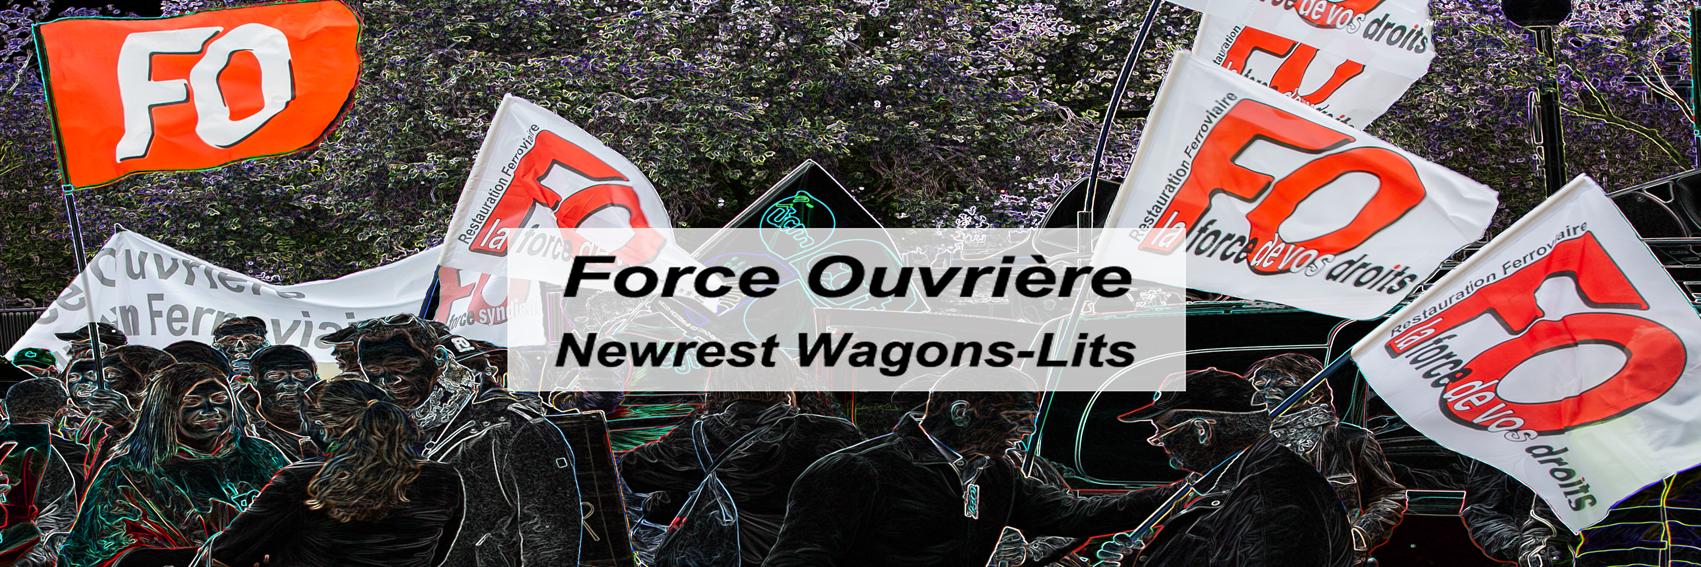 FO Newrest Wagons-Lits